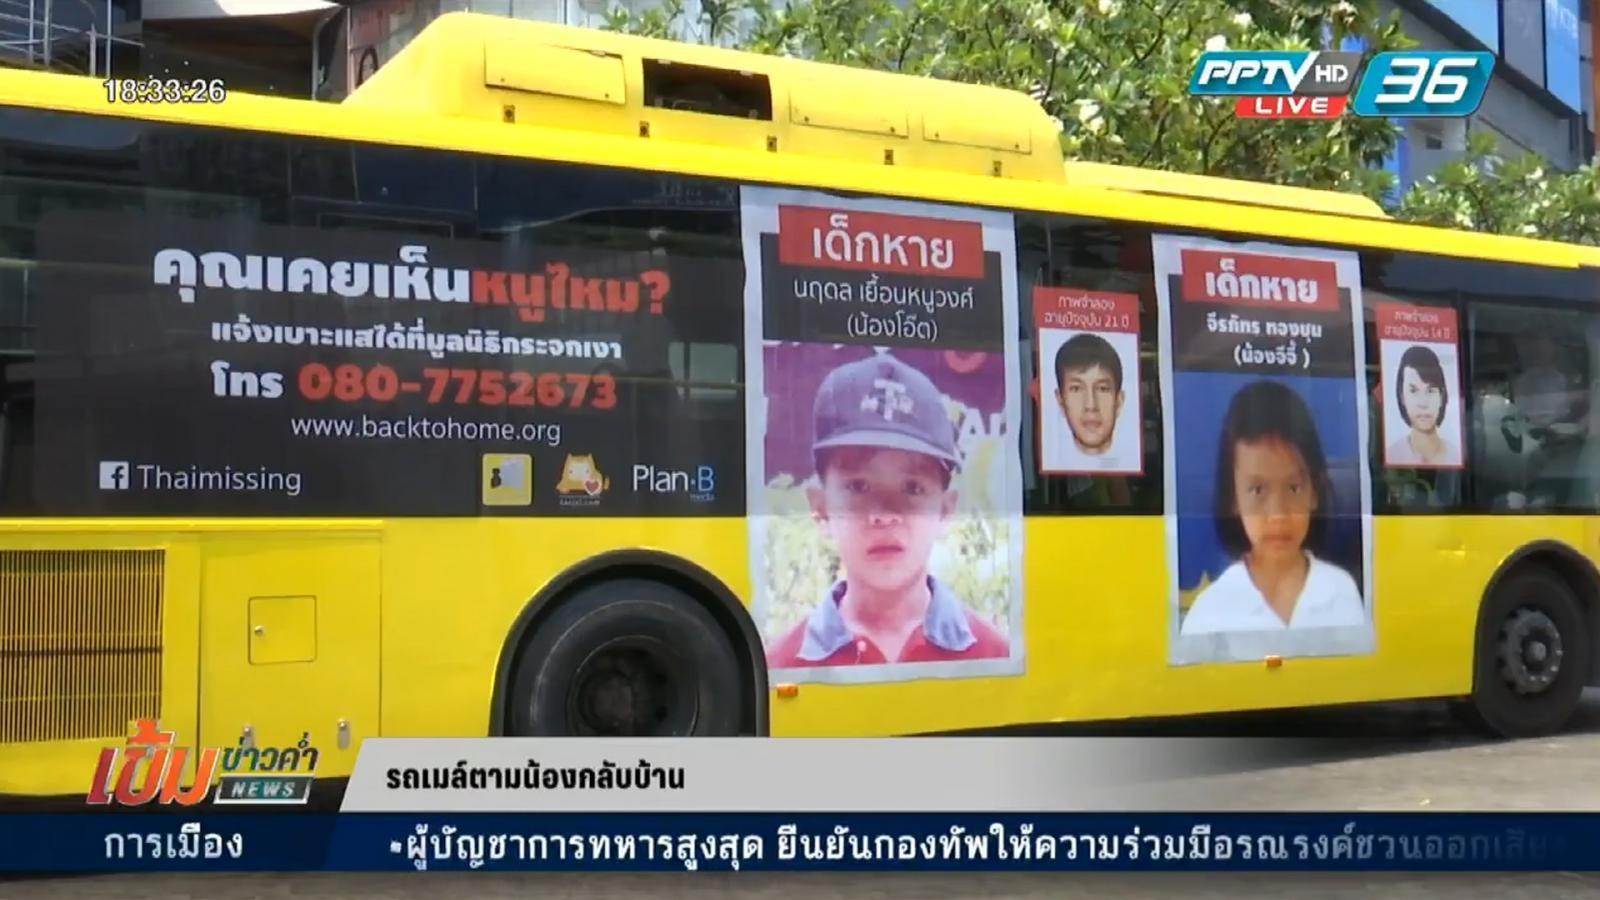 รถเมล์ตามน้องกลับบ้าน